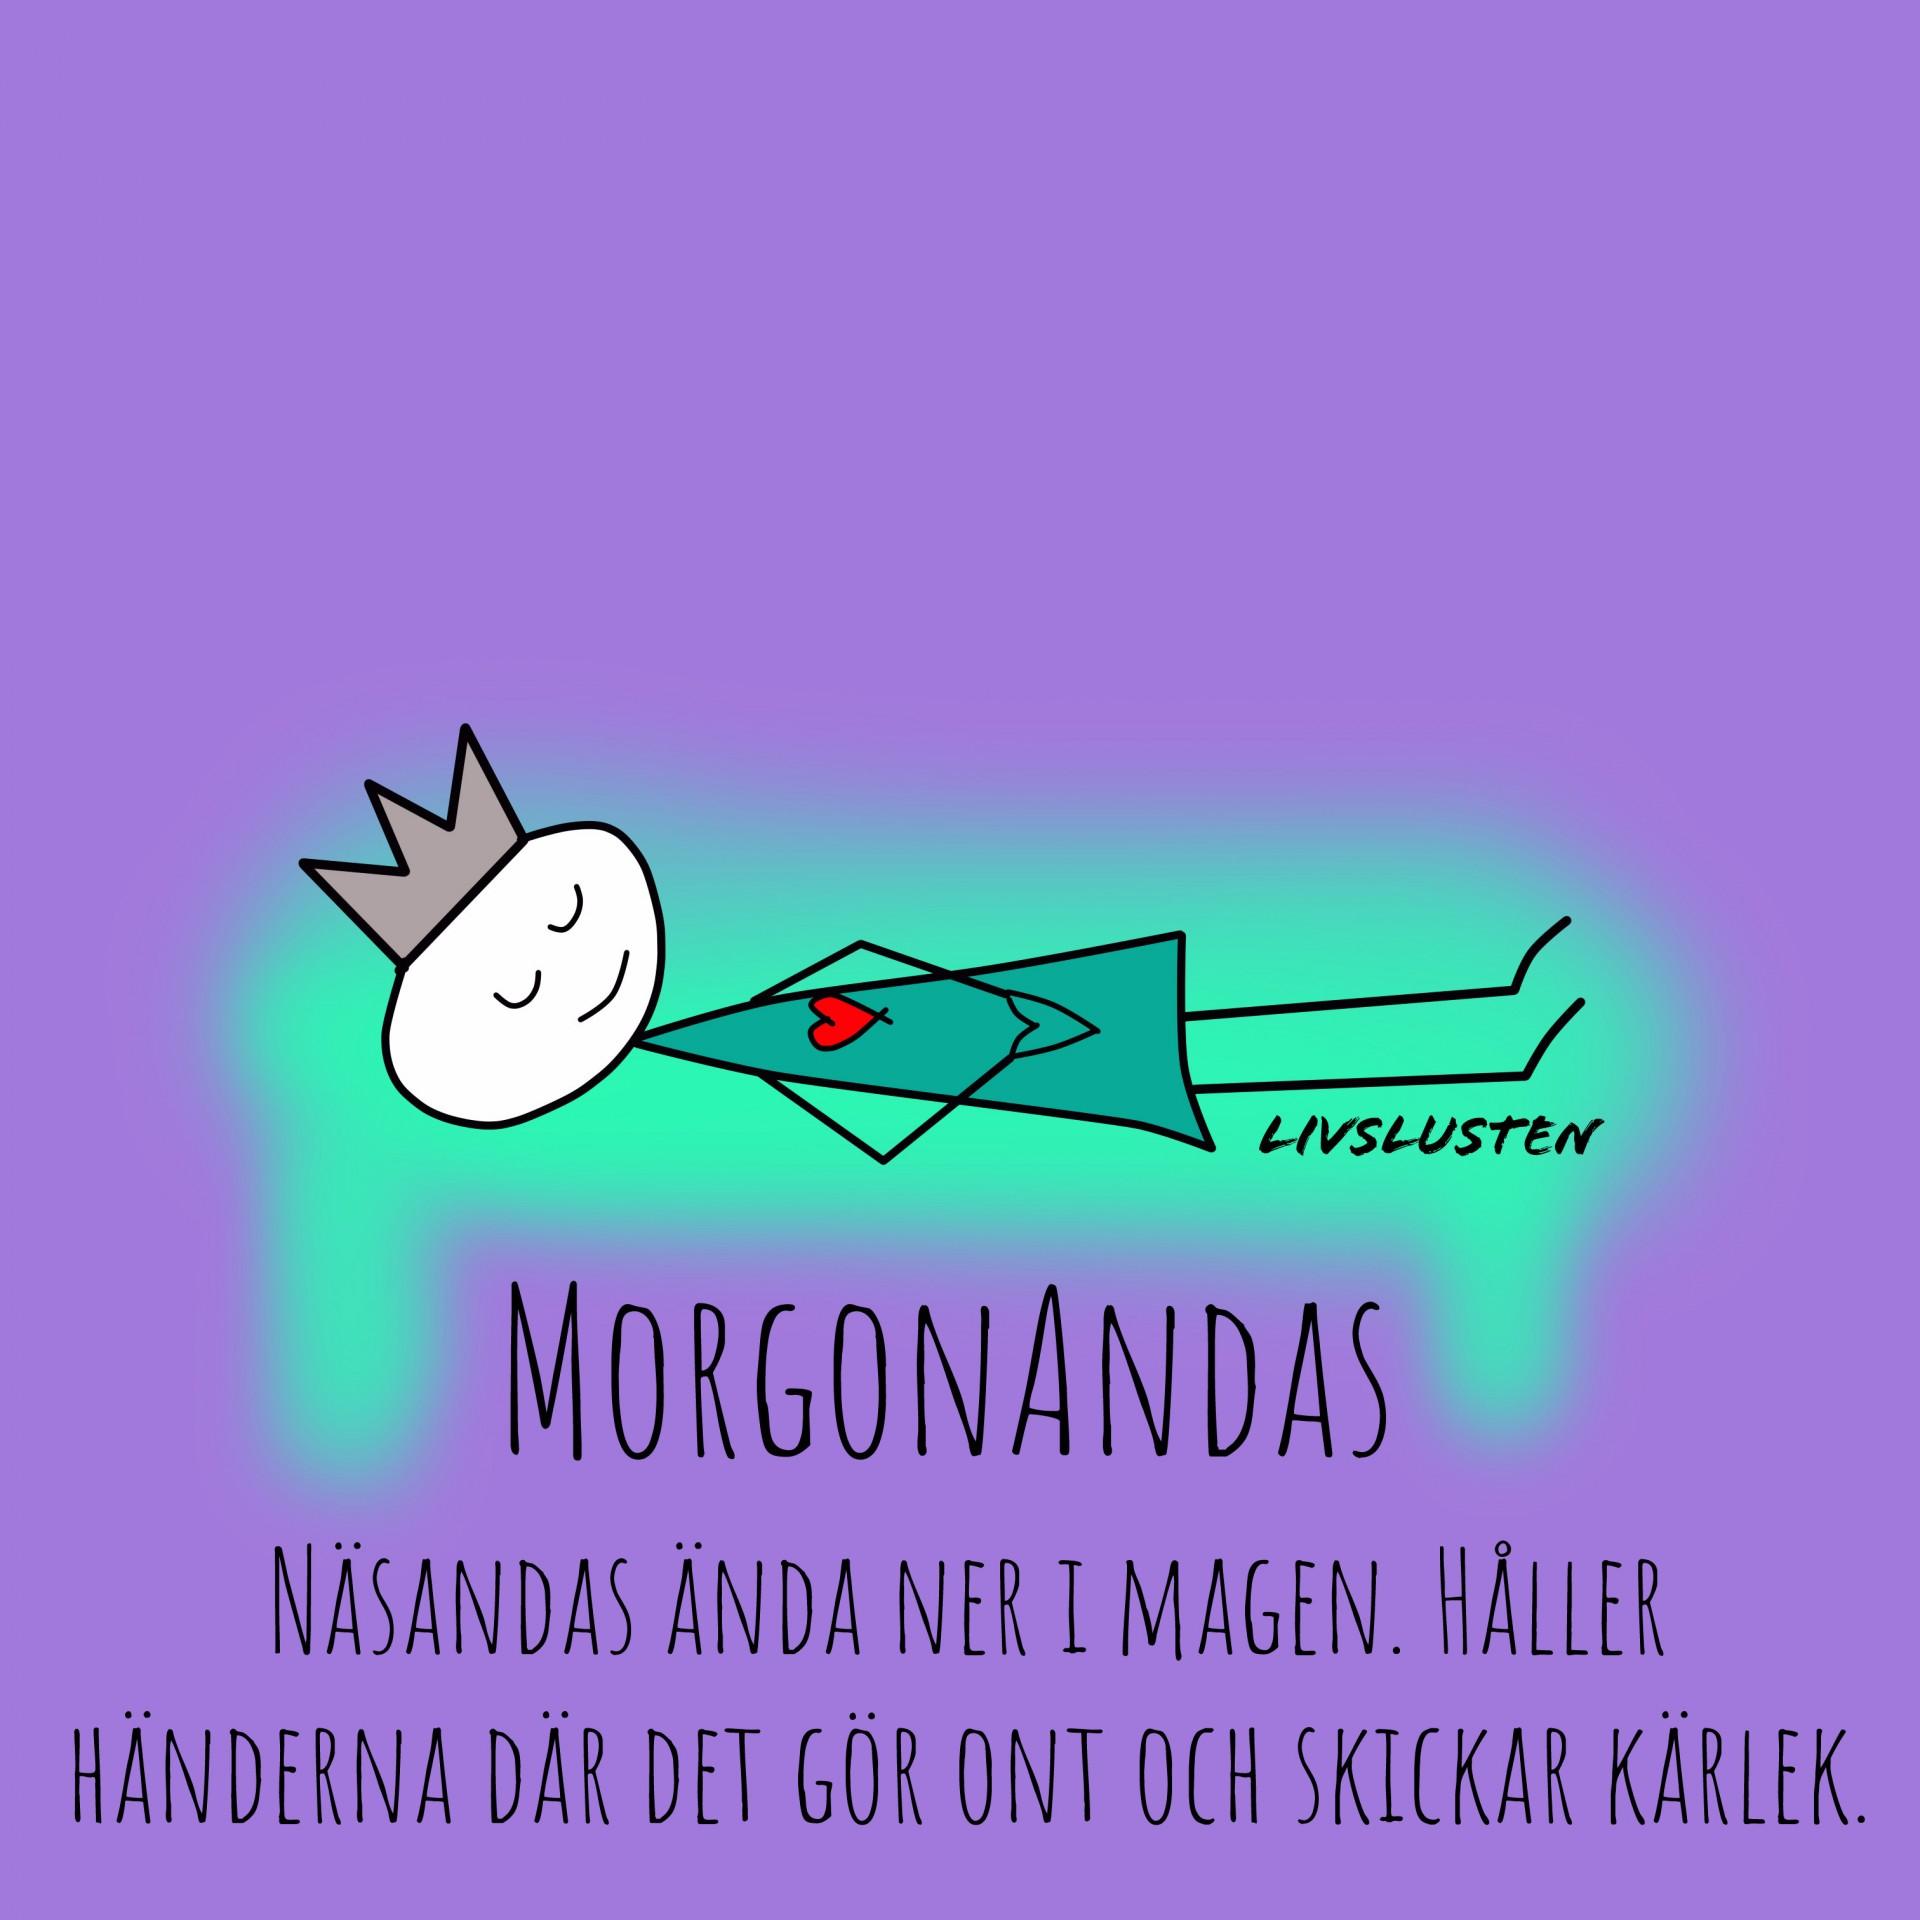 Livslusten Morgonandas Healing